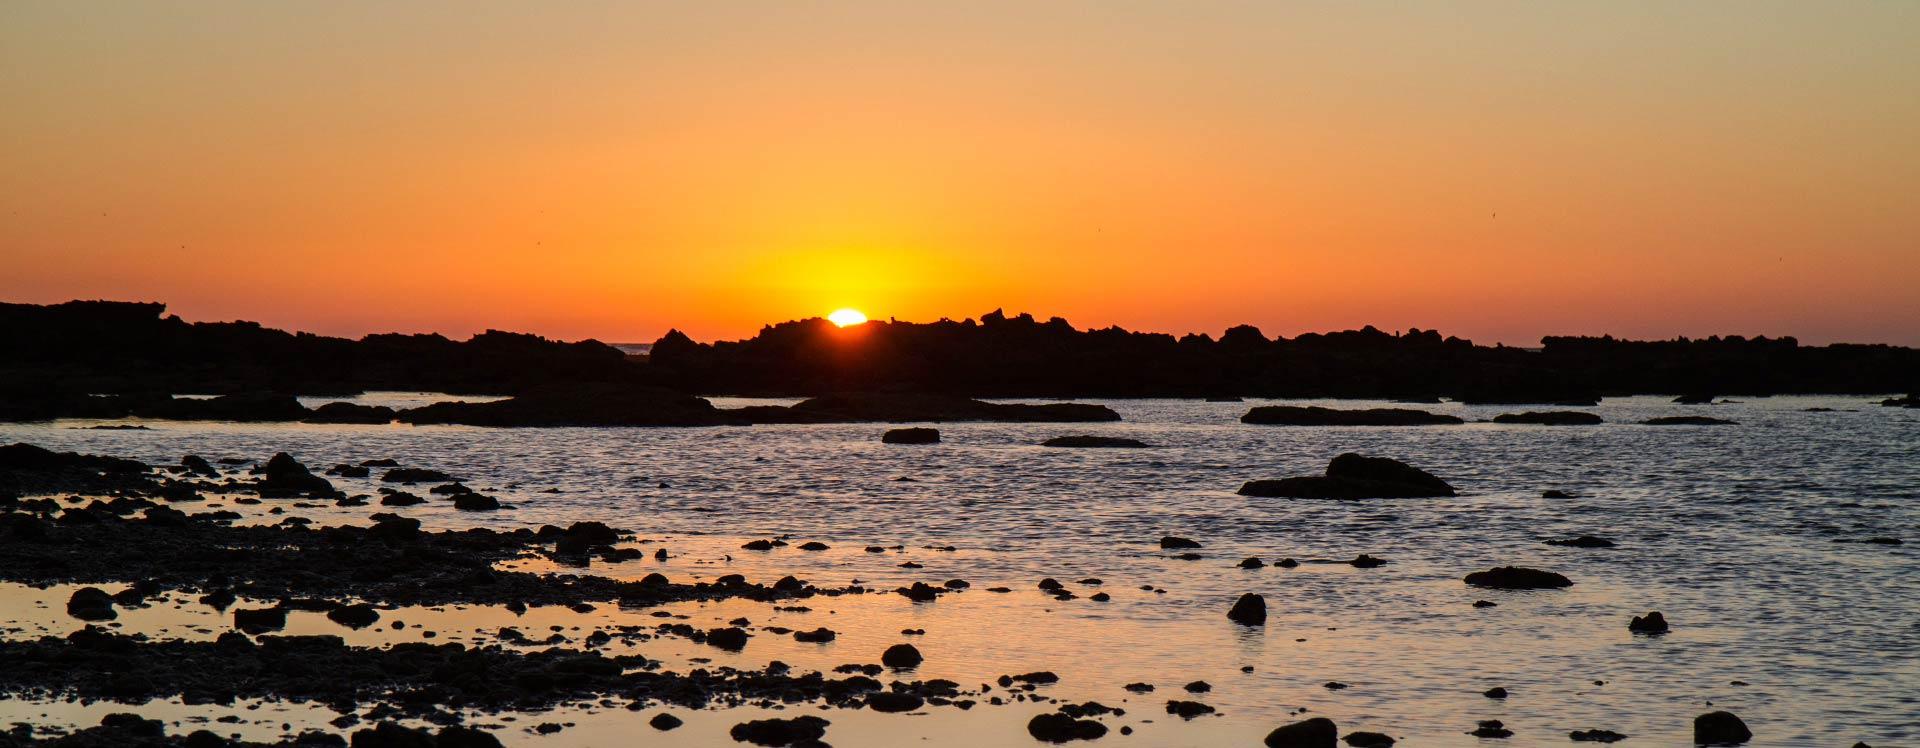 Amanecer y puesta de sol en el Castillo Sancti Petri